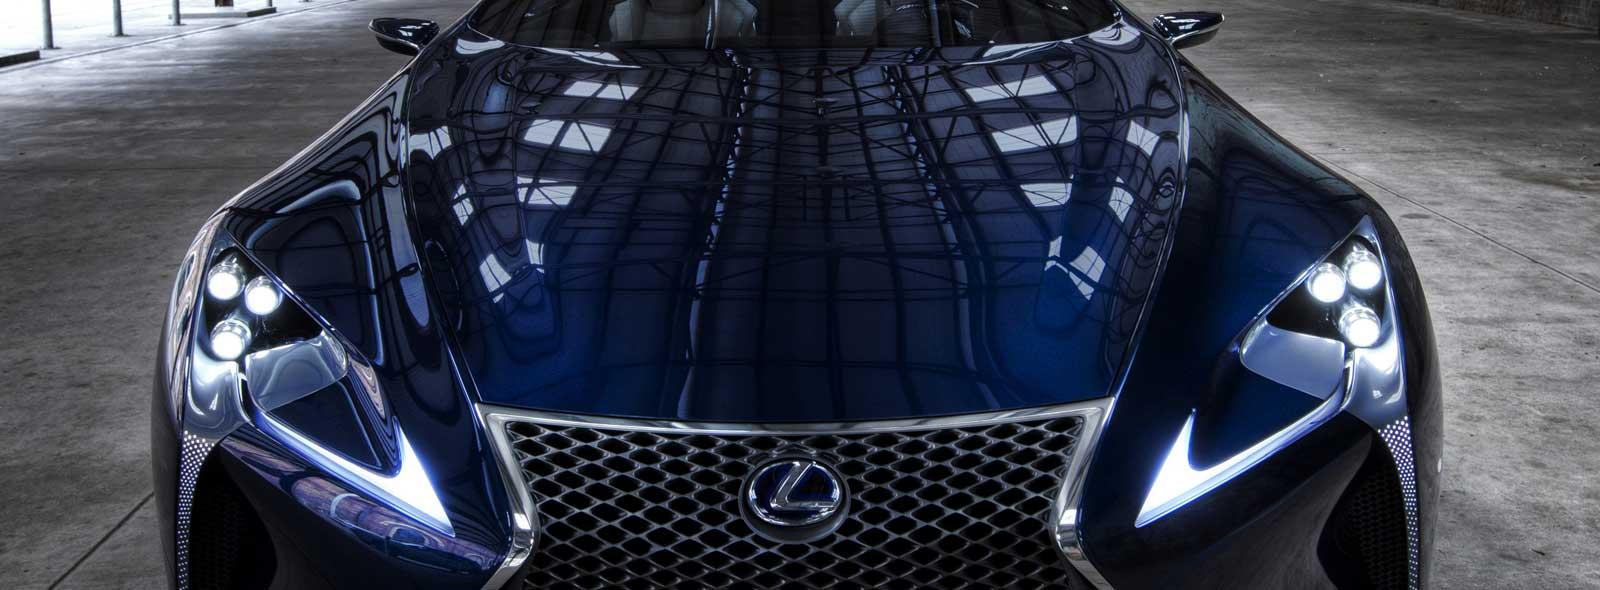 Вид спереди концепт карa Lexus LF LC